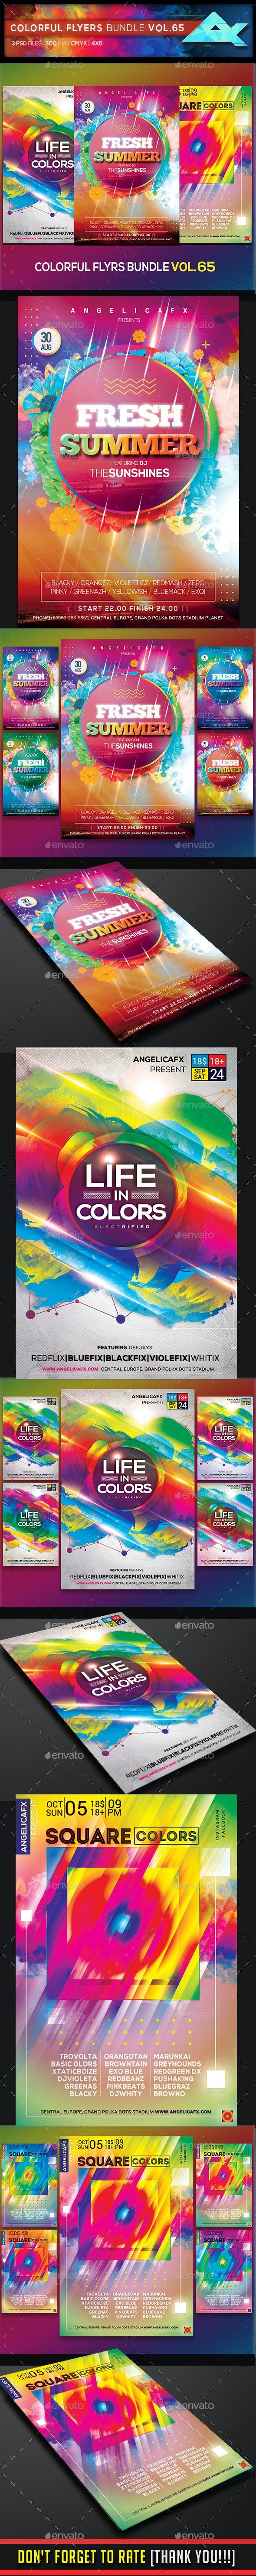 Colorful Flyers Bundle Vol. 65 - Flyers Print Templates